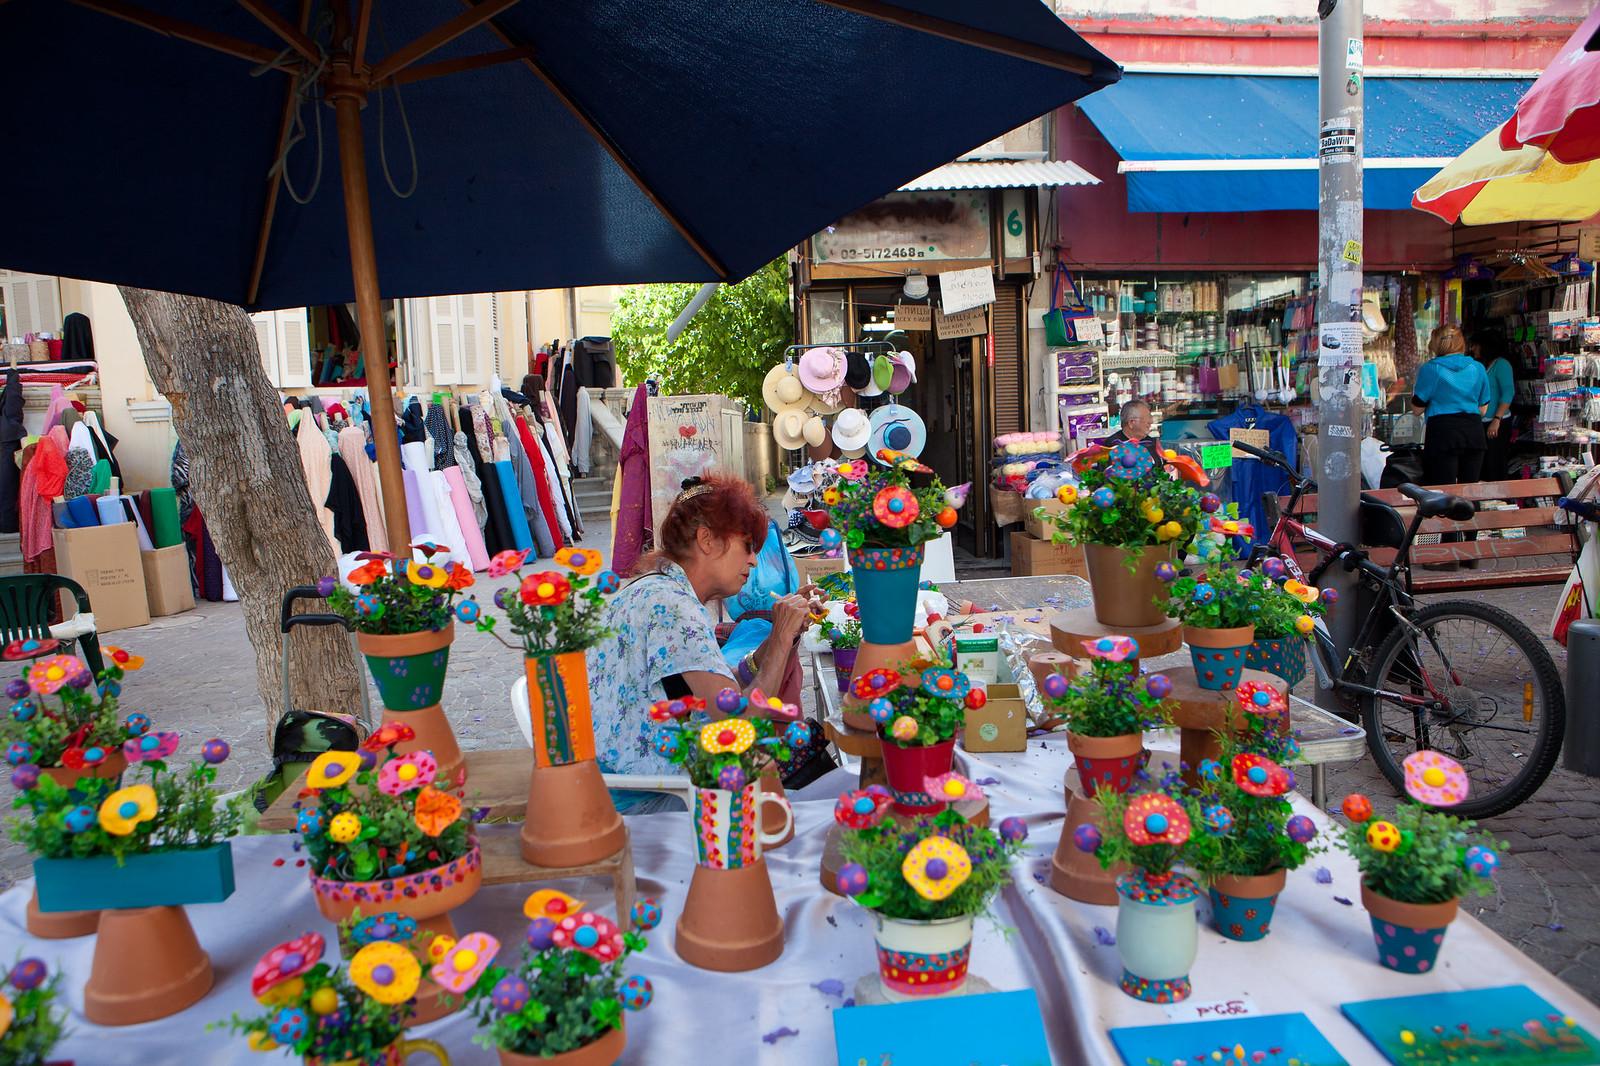 Tel Aviv_Nahalat Binyamin market _1_ Dana Friedlander_IMOT